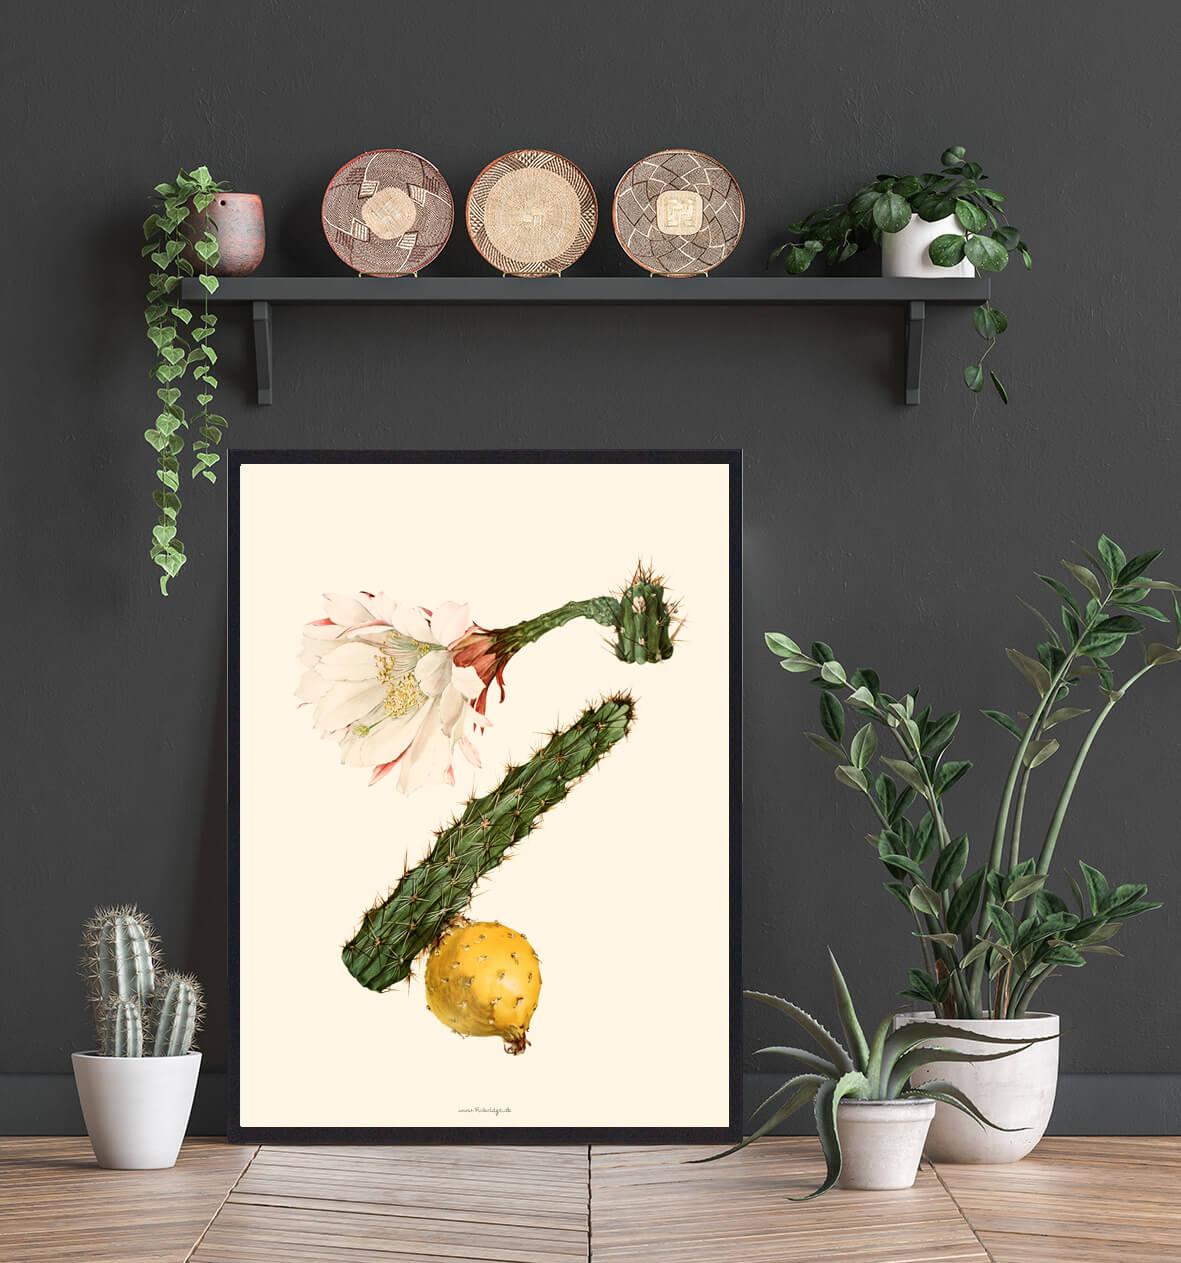 kaktus-billig-plakat-3